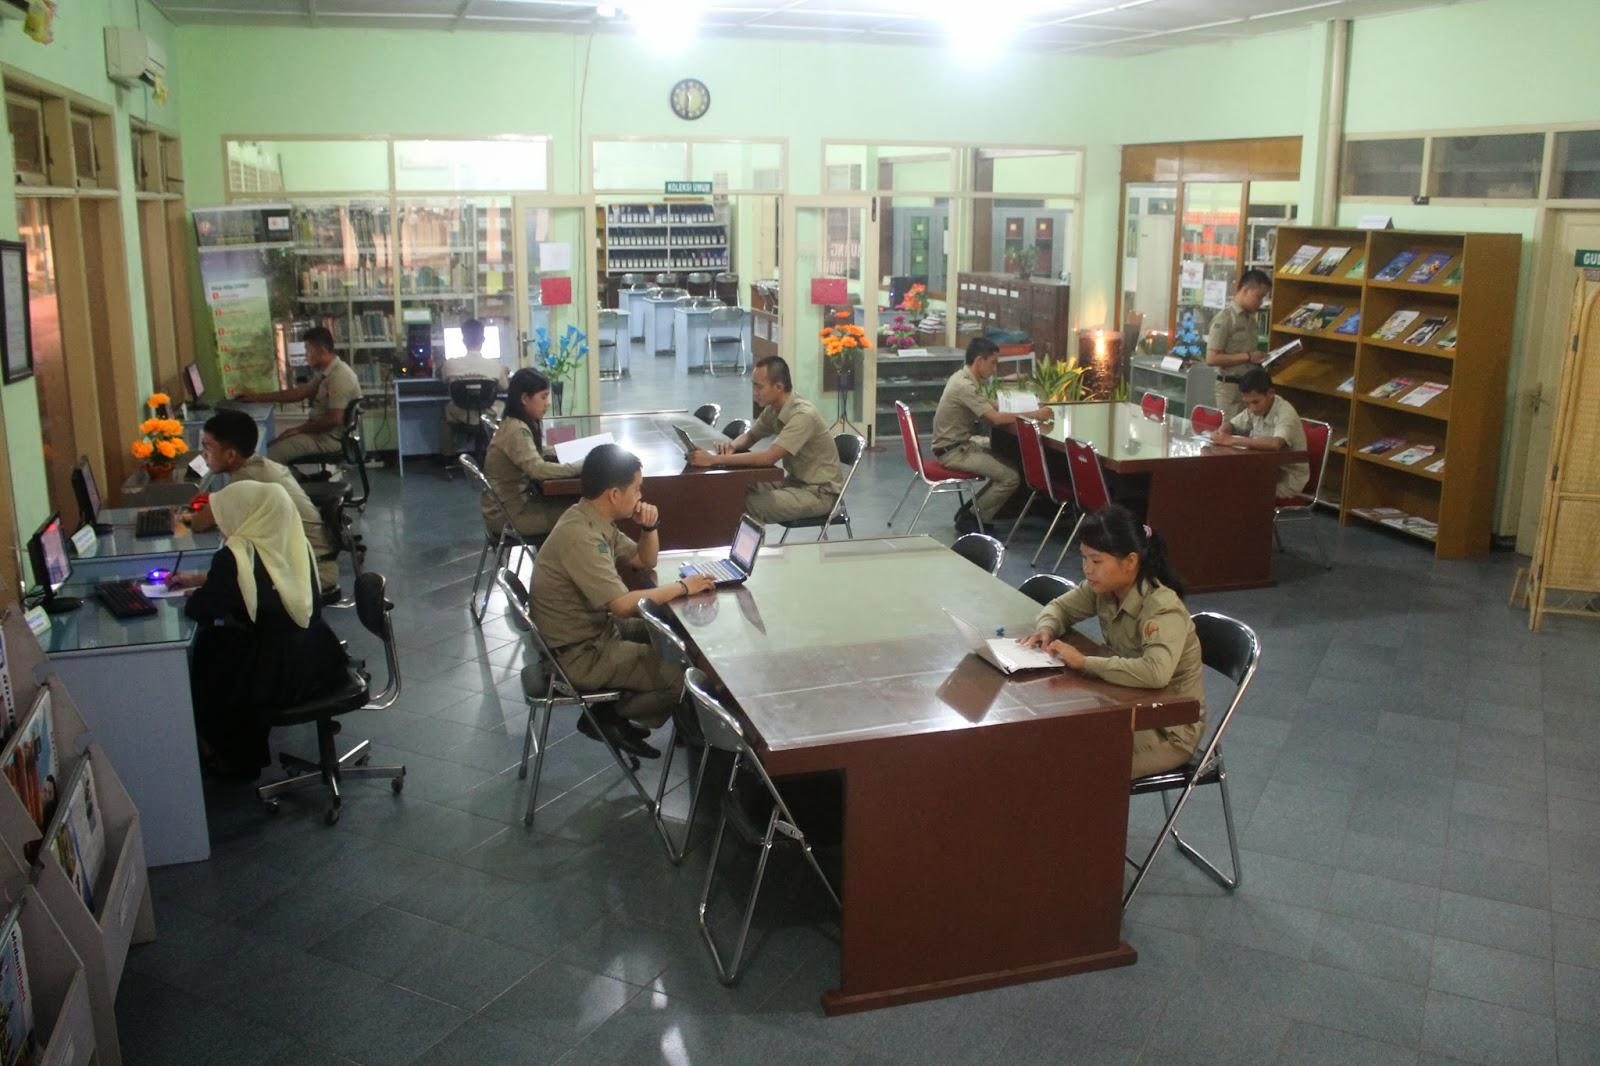 Ruang Baca Perpustakaan